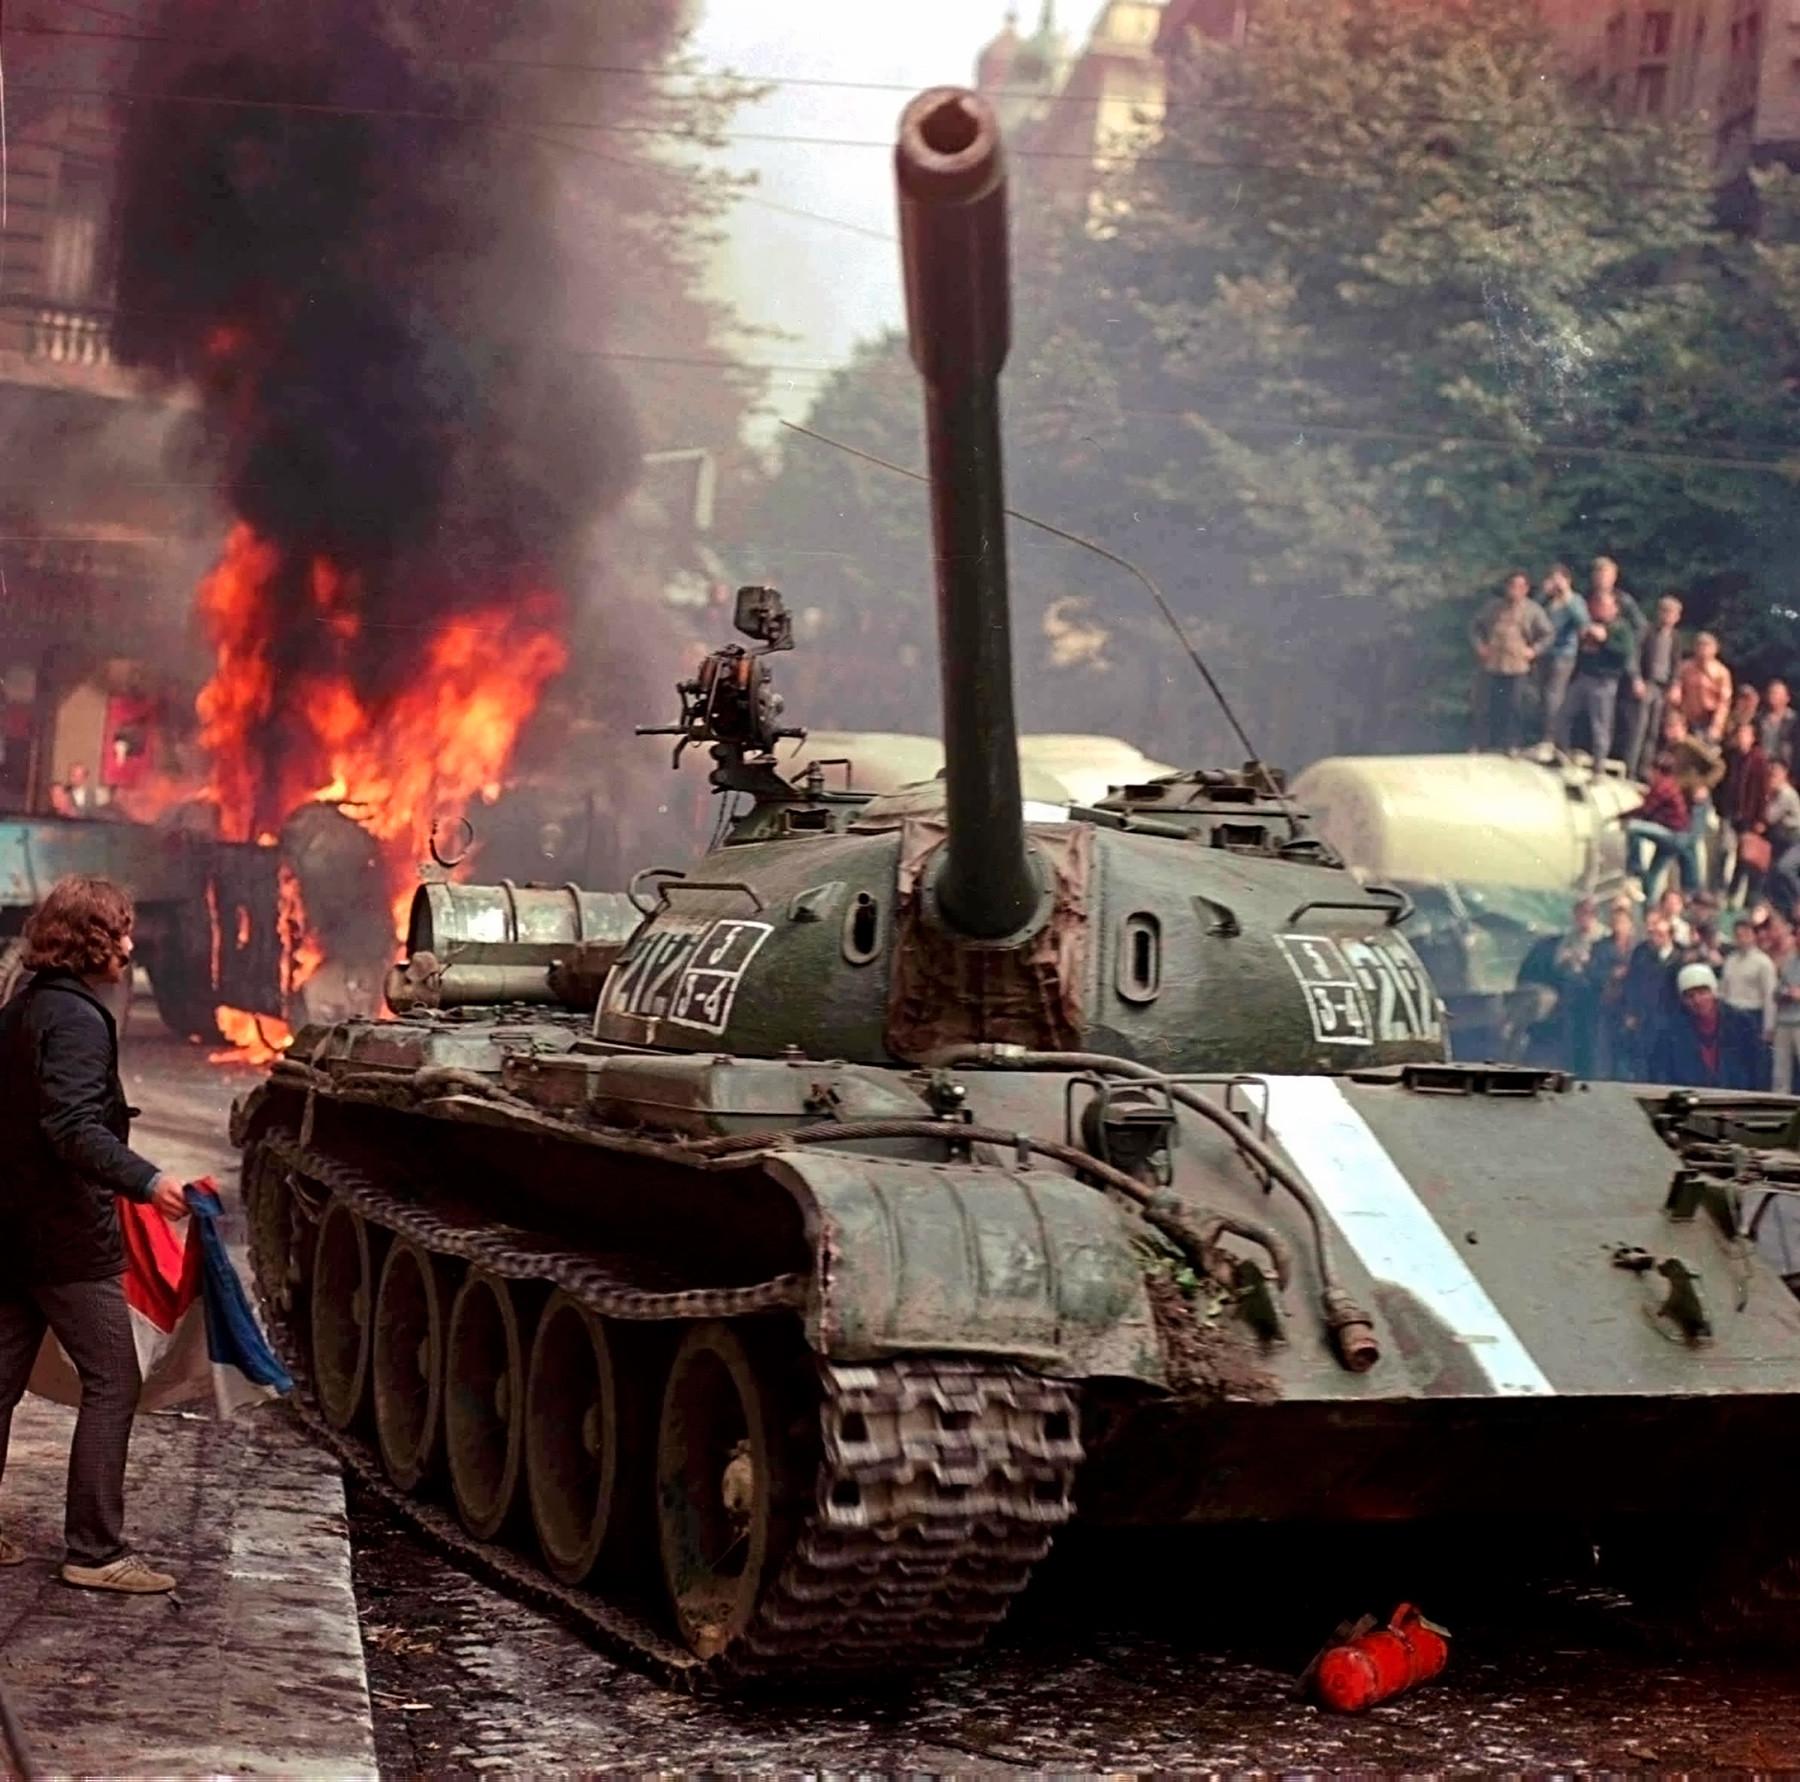 Un char soviétique traverse une barricade improvisée près du QG de la radio tchécoslovaque à Prague, août 1968.